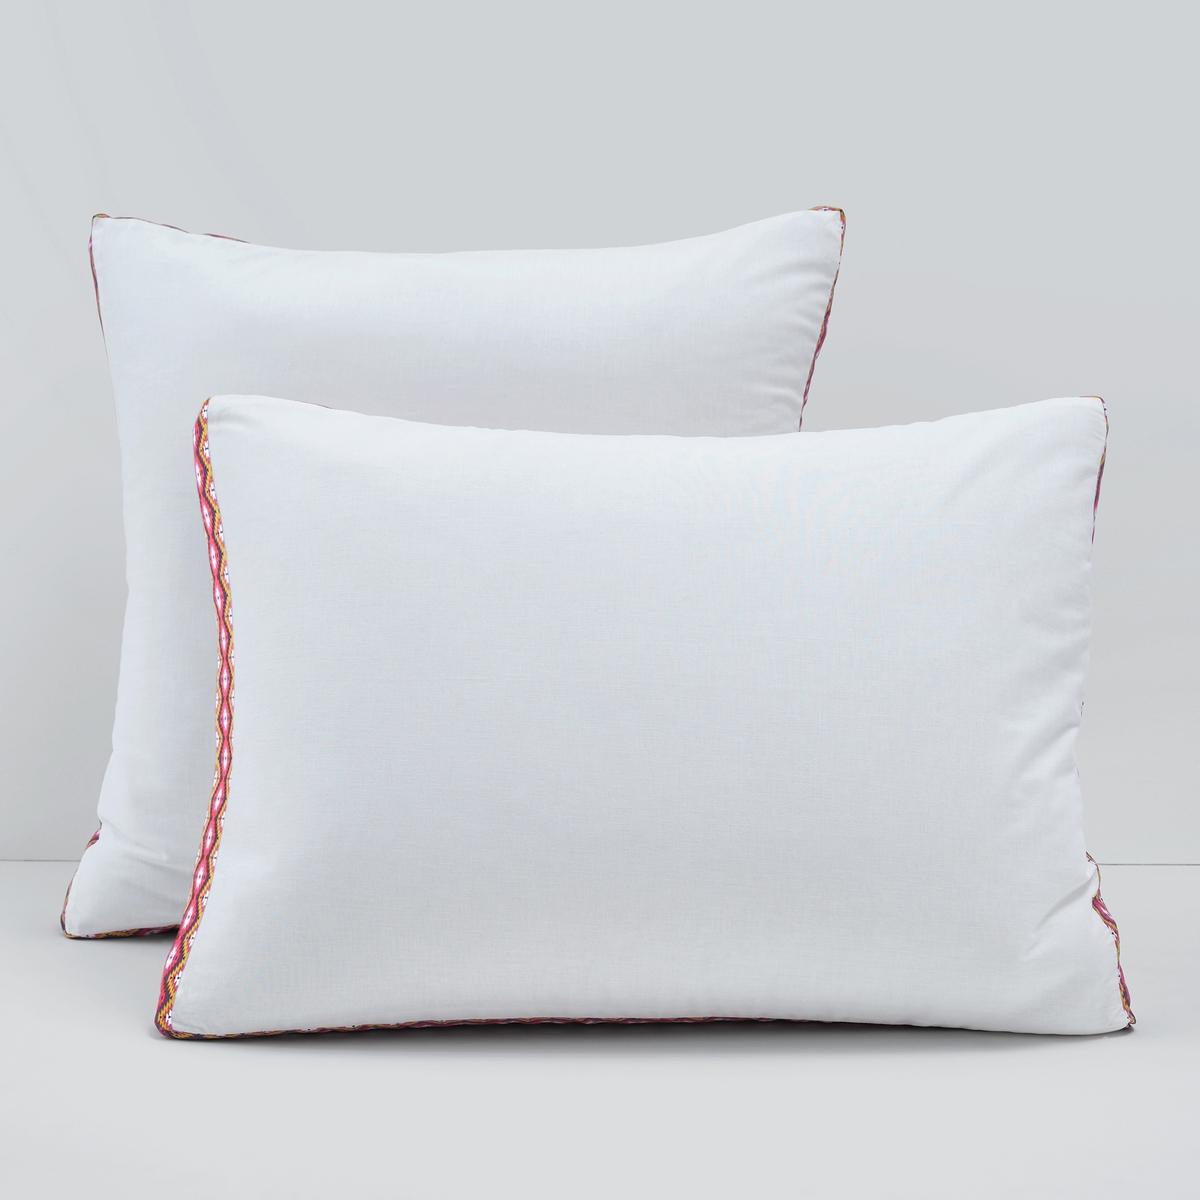 Наволочка, ArubanНаволочка Aruban из 100% хлопковой ткани спокойных тонов украшена цветной лентой по контуру, что придает ей индивидуальности. Характеристики наволочки Aruban :100% хлопок, 57 нитей/см? : чем больше количество нитей на см?, тем выше качество материала.Однотонный материал, форма чехол. Отделка разноцветной лентой.Машинная стирка при 60 °С.Однотонную натяжную простыню той же расцветки коллекции Sc?nario из хлопка и всю коллекцию постельного белья Aruban вы можете найти на сайте laredoute.ru.Знак Oeko-Tex® гарантирует, что товары прошли проверку и были изготовлены без применения вредных для здоровья человека веществ.Размеры :Квадратная наволочка : 63 x 63 см.Прямоугольная наволочка : 50 x 70 см.<br><br>Цвет: белый,фиолетовый<br>Размер: 50 x 70  см